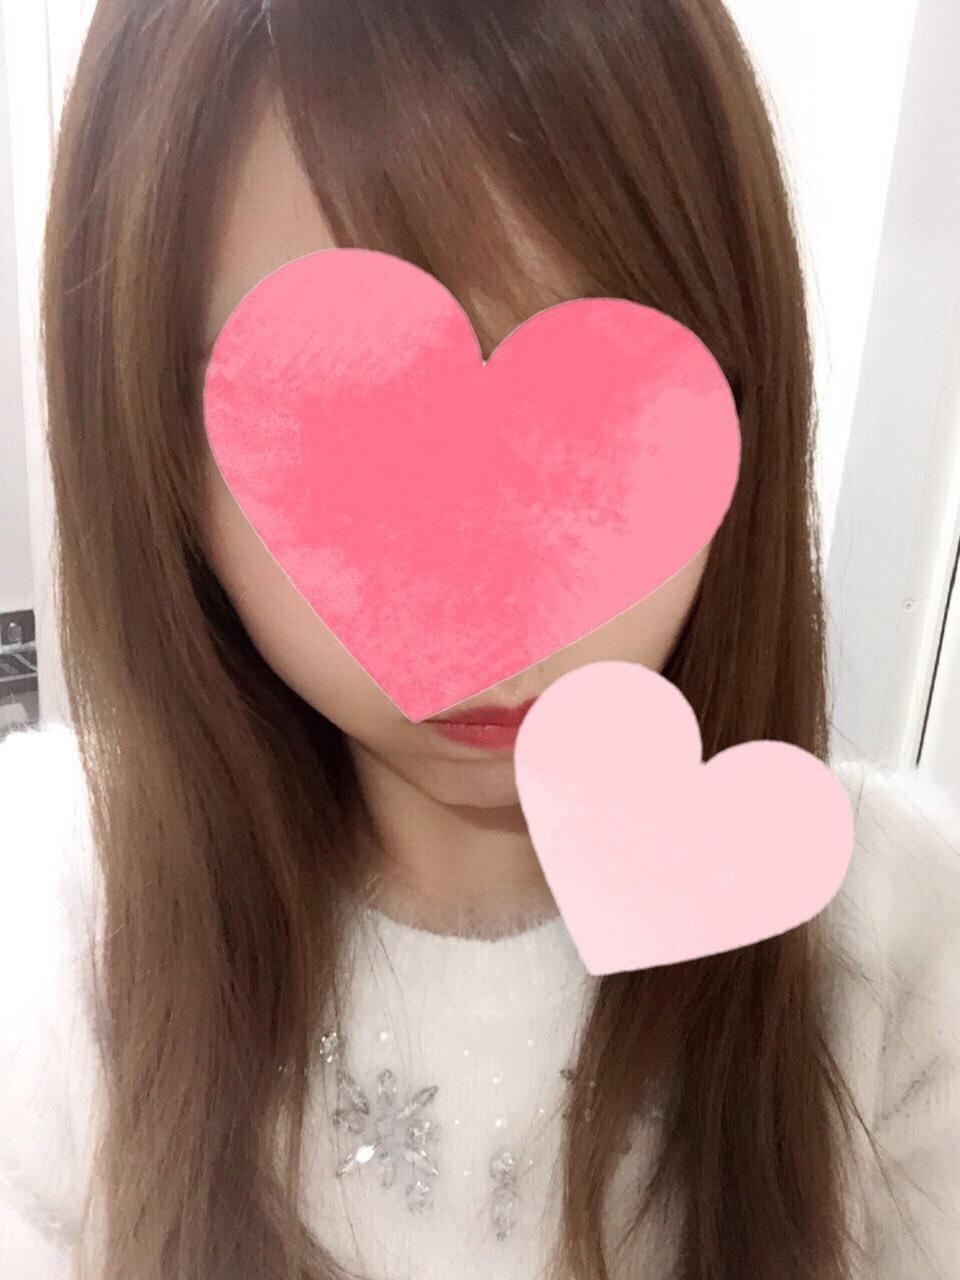 愛沢あんな ~ANNA~「むかます?」10/22(月) 17:19   愛沢あんな ~ANNA~の写メ・風俗動画